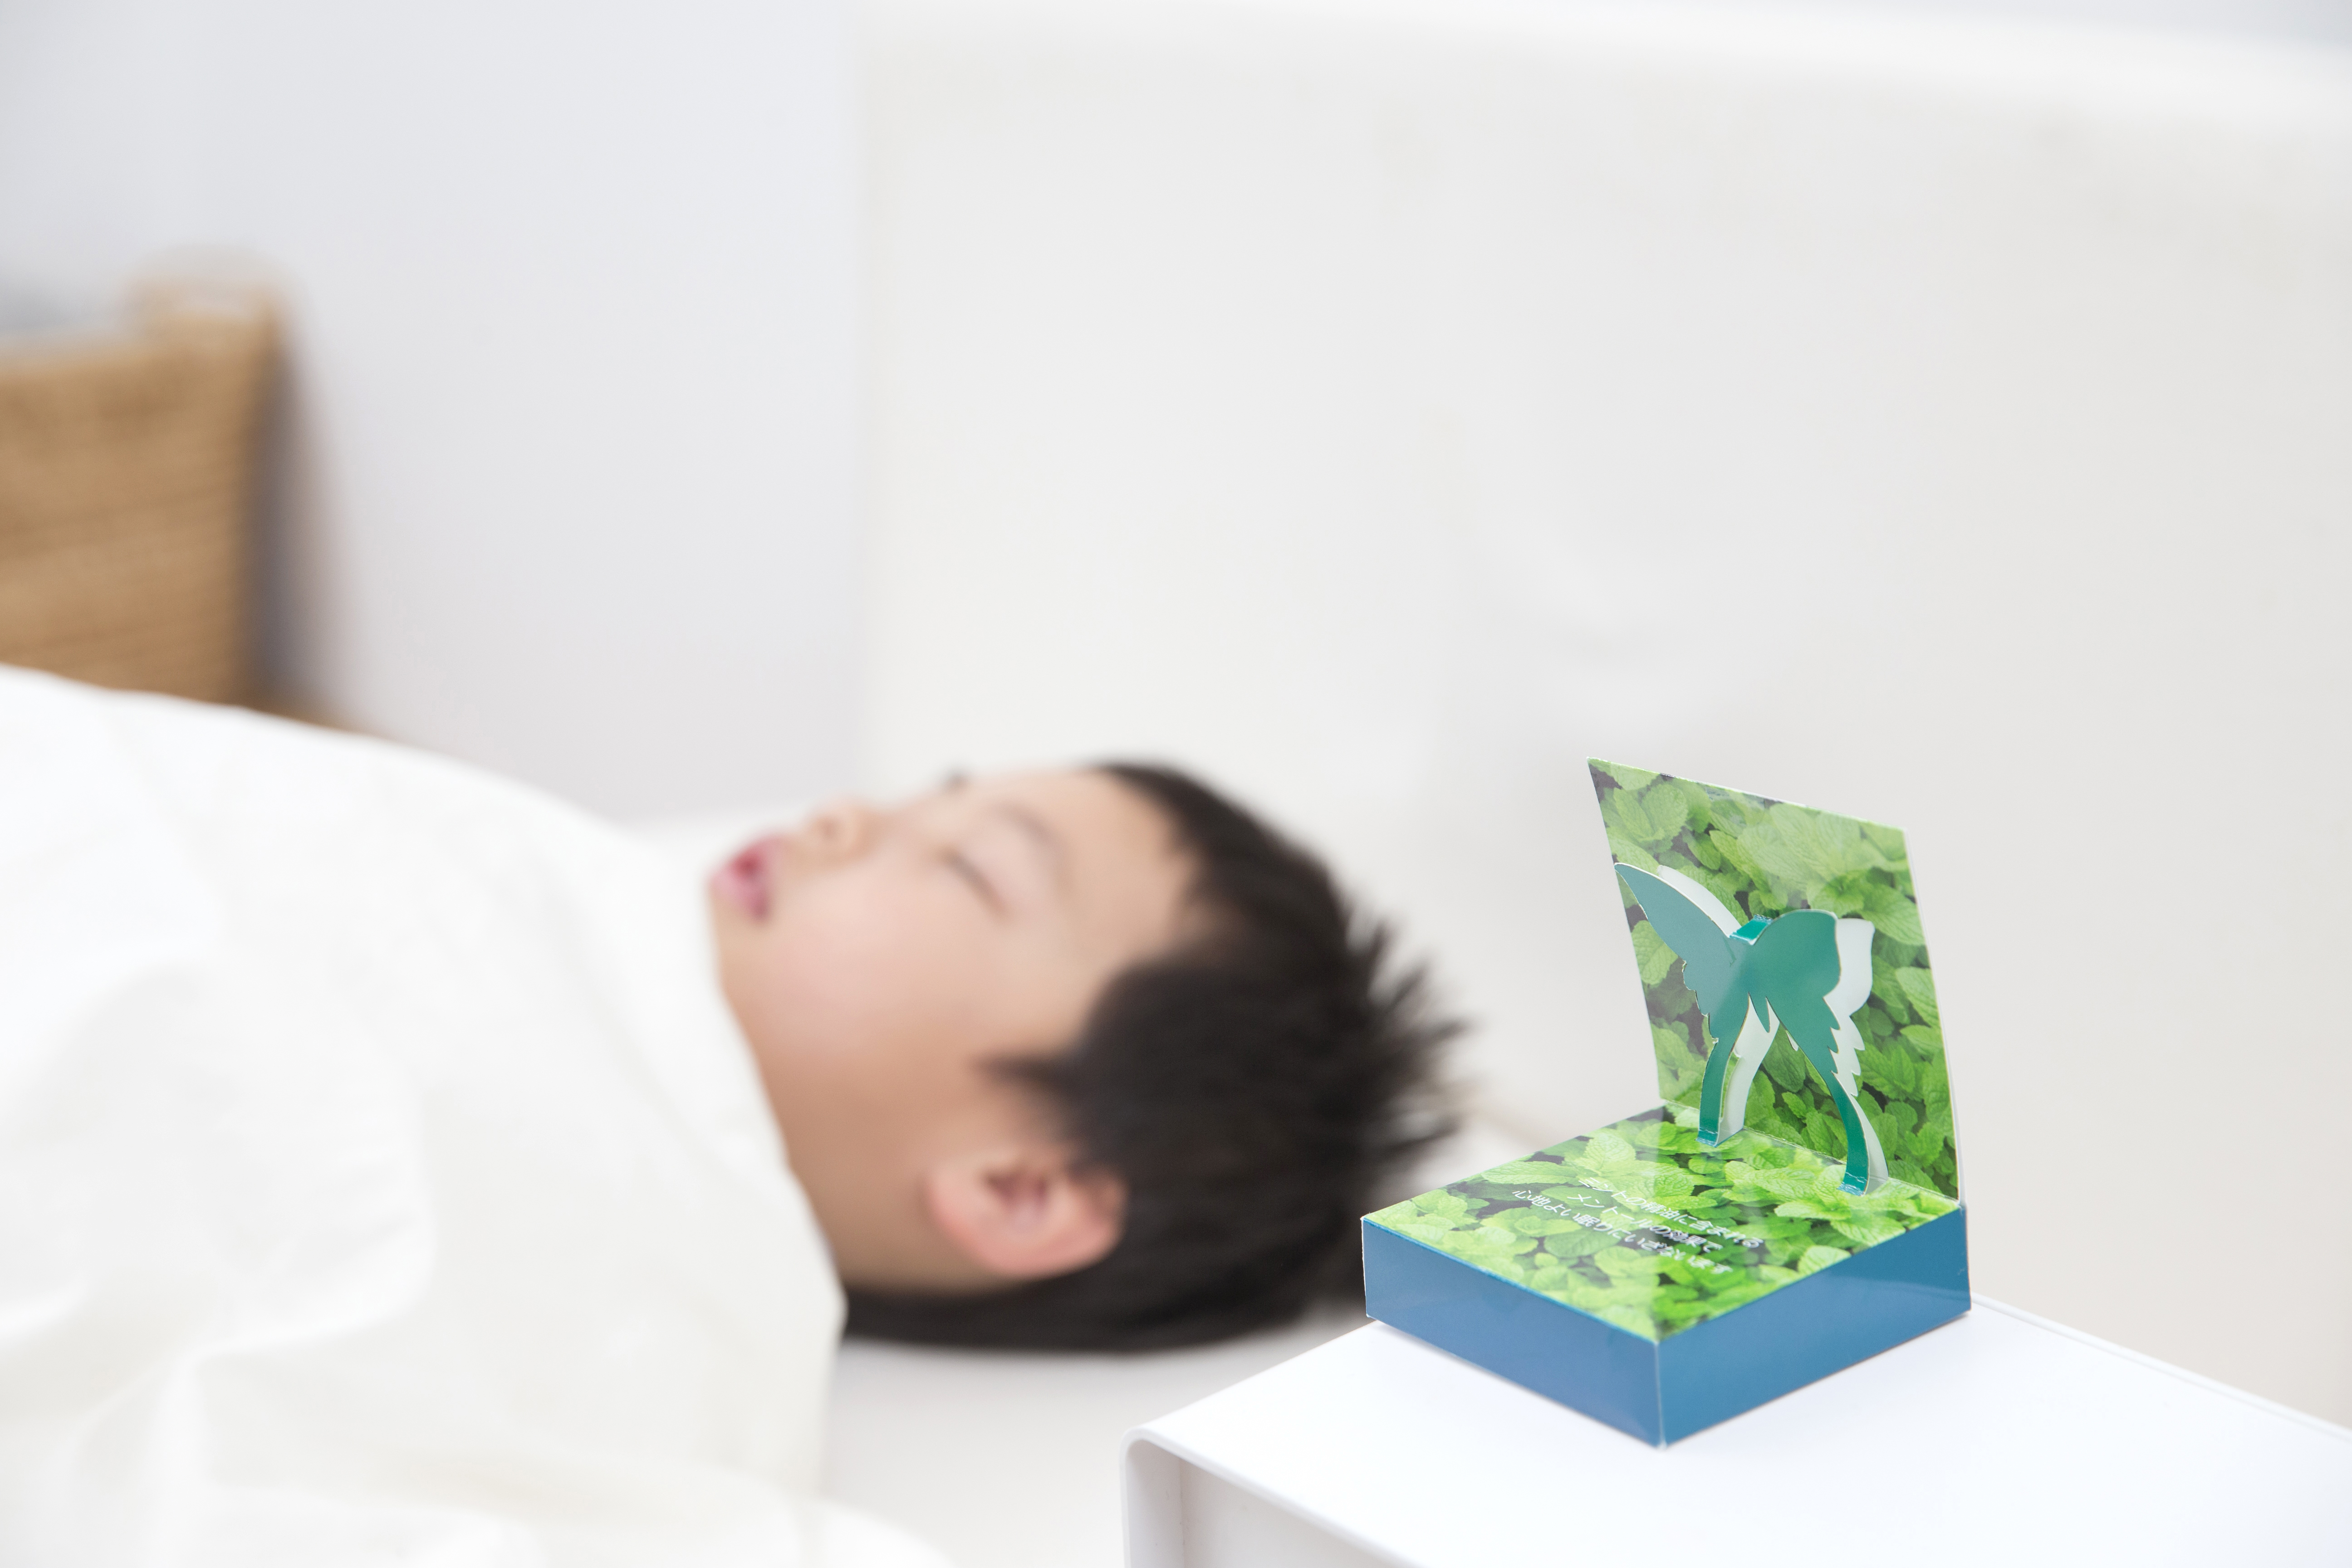 やさしく漂うミントの香りで、こどもの睡眠コンディションを整える新商品プロジェクト